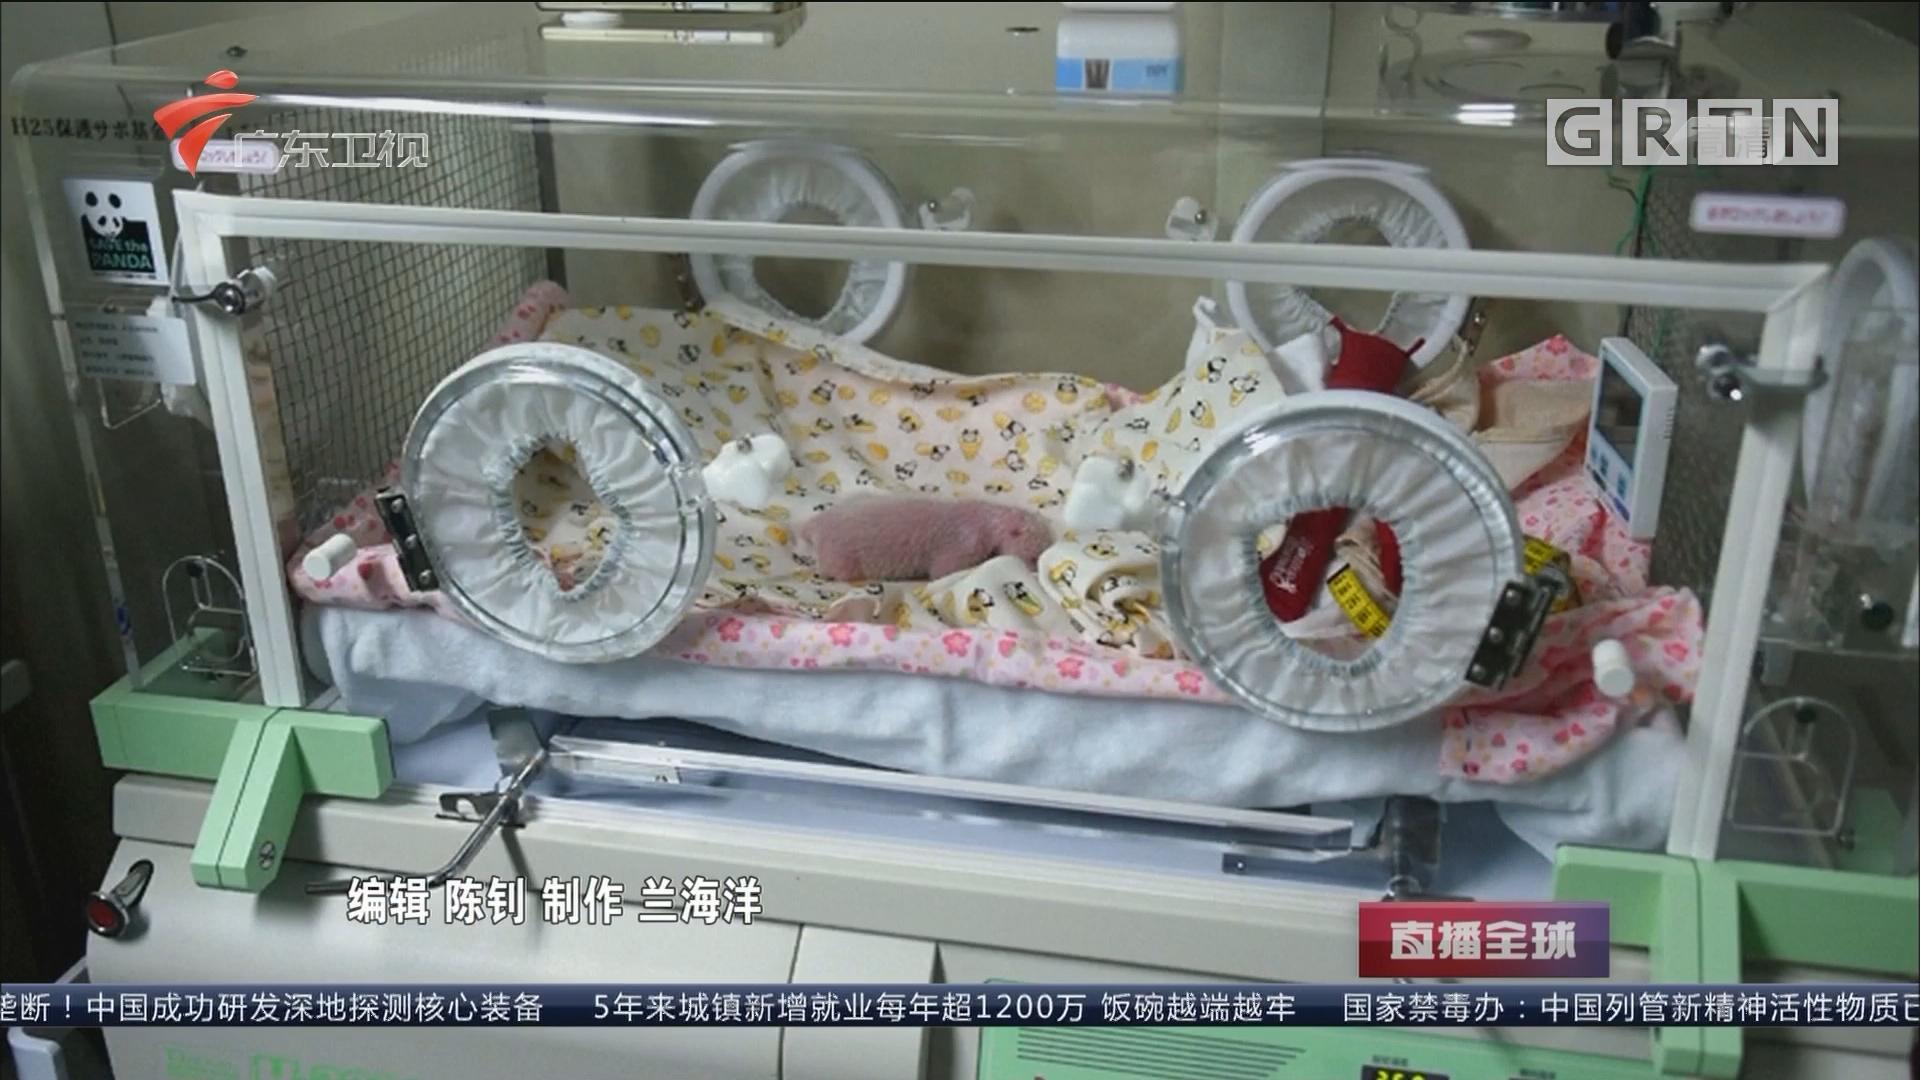 国际快讯:旅日大熊猫宝宝顺利度过第一周